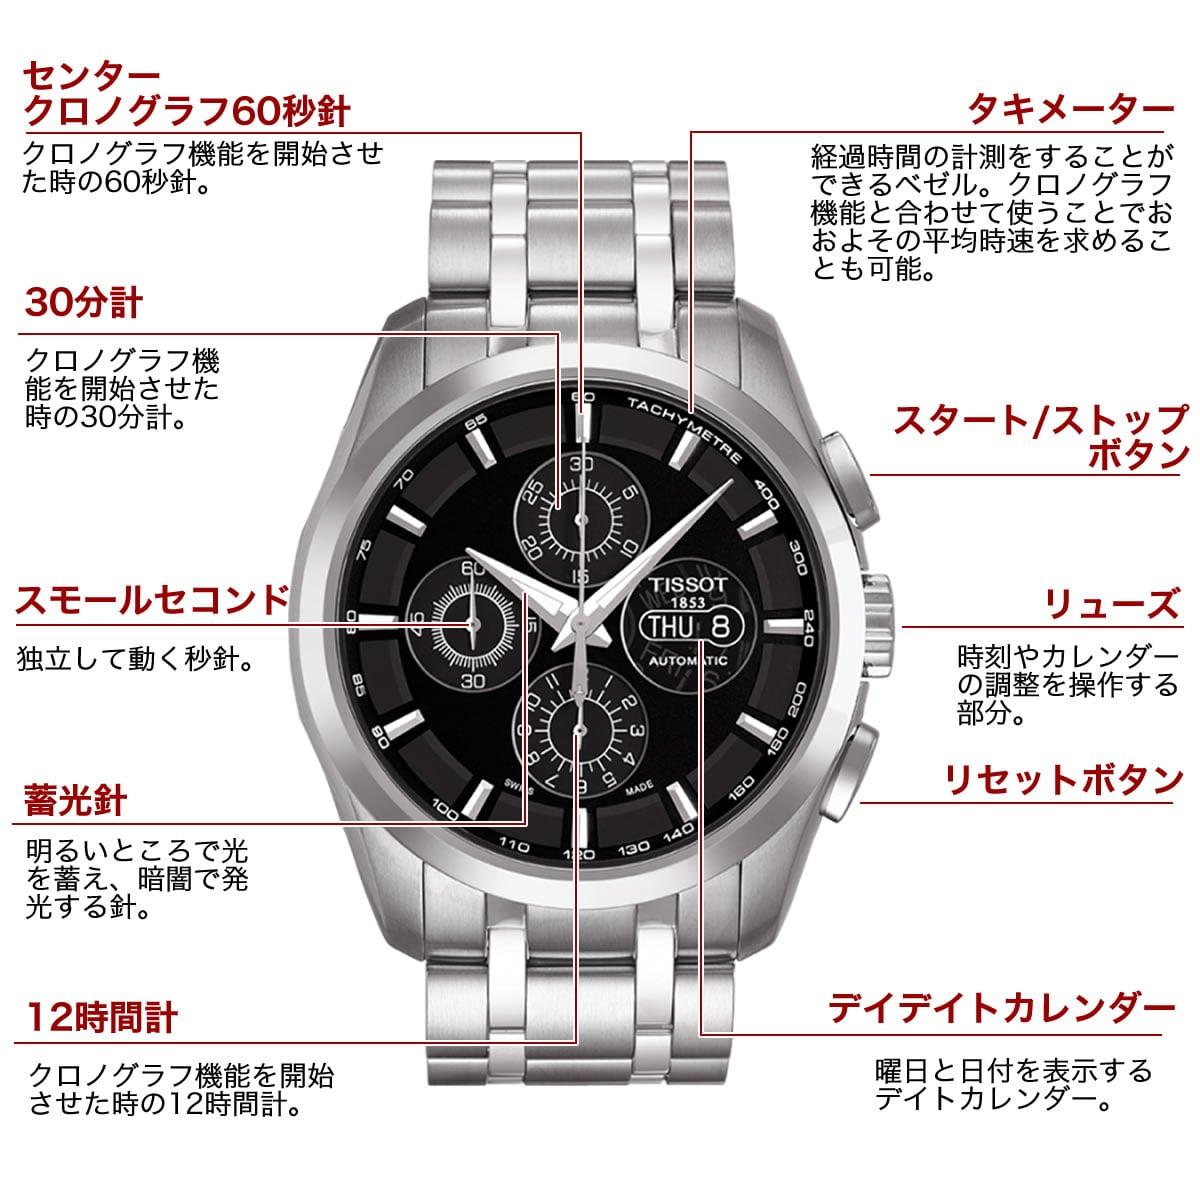 ティソ 自動巻き 男性用腕時計t0356141105100